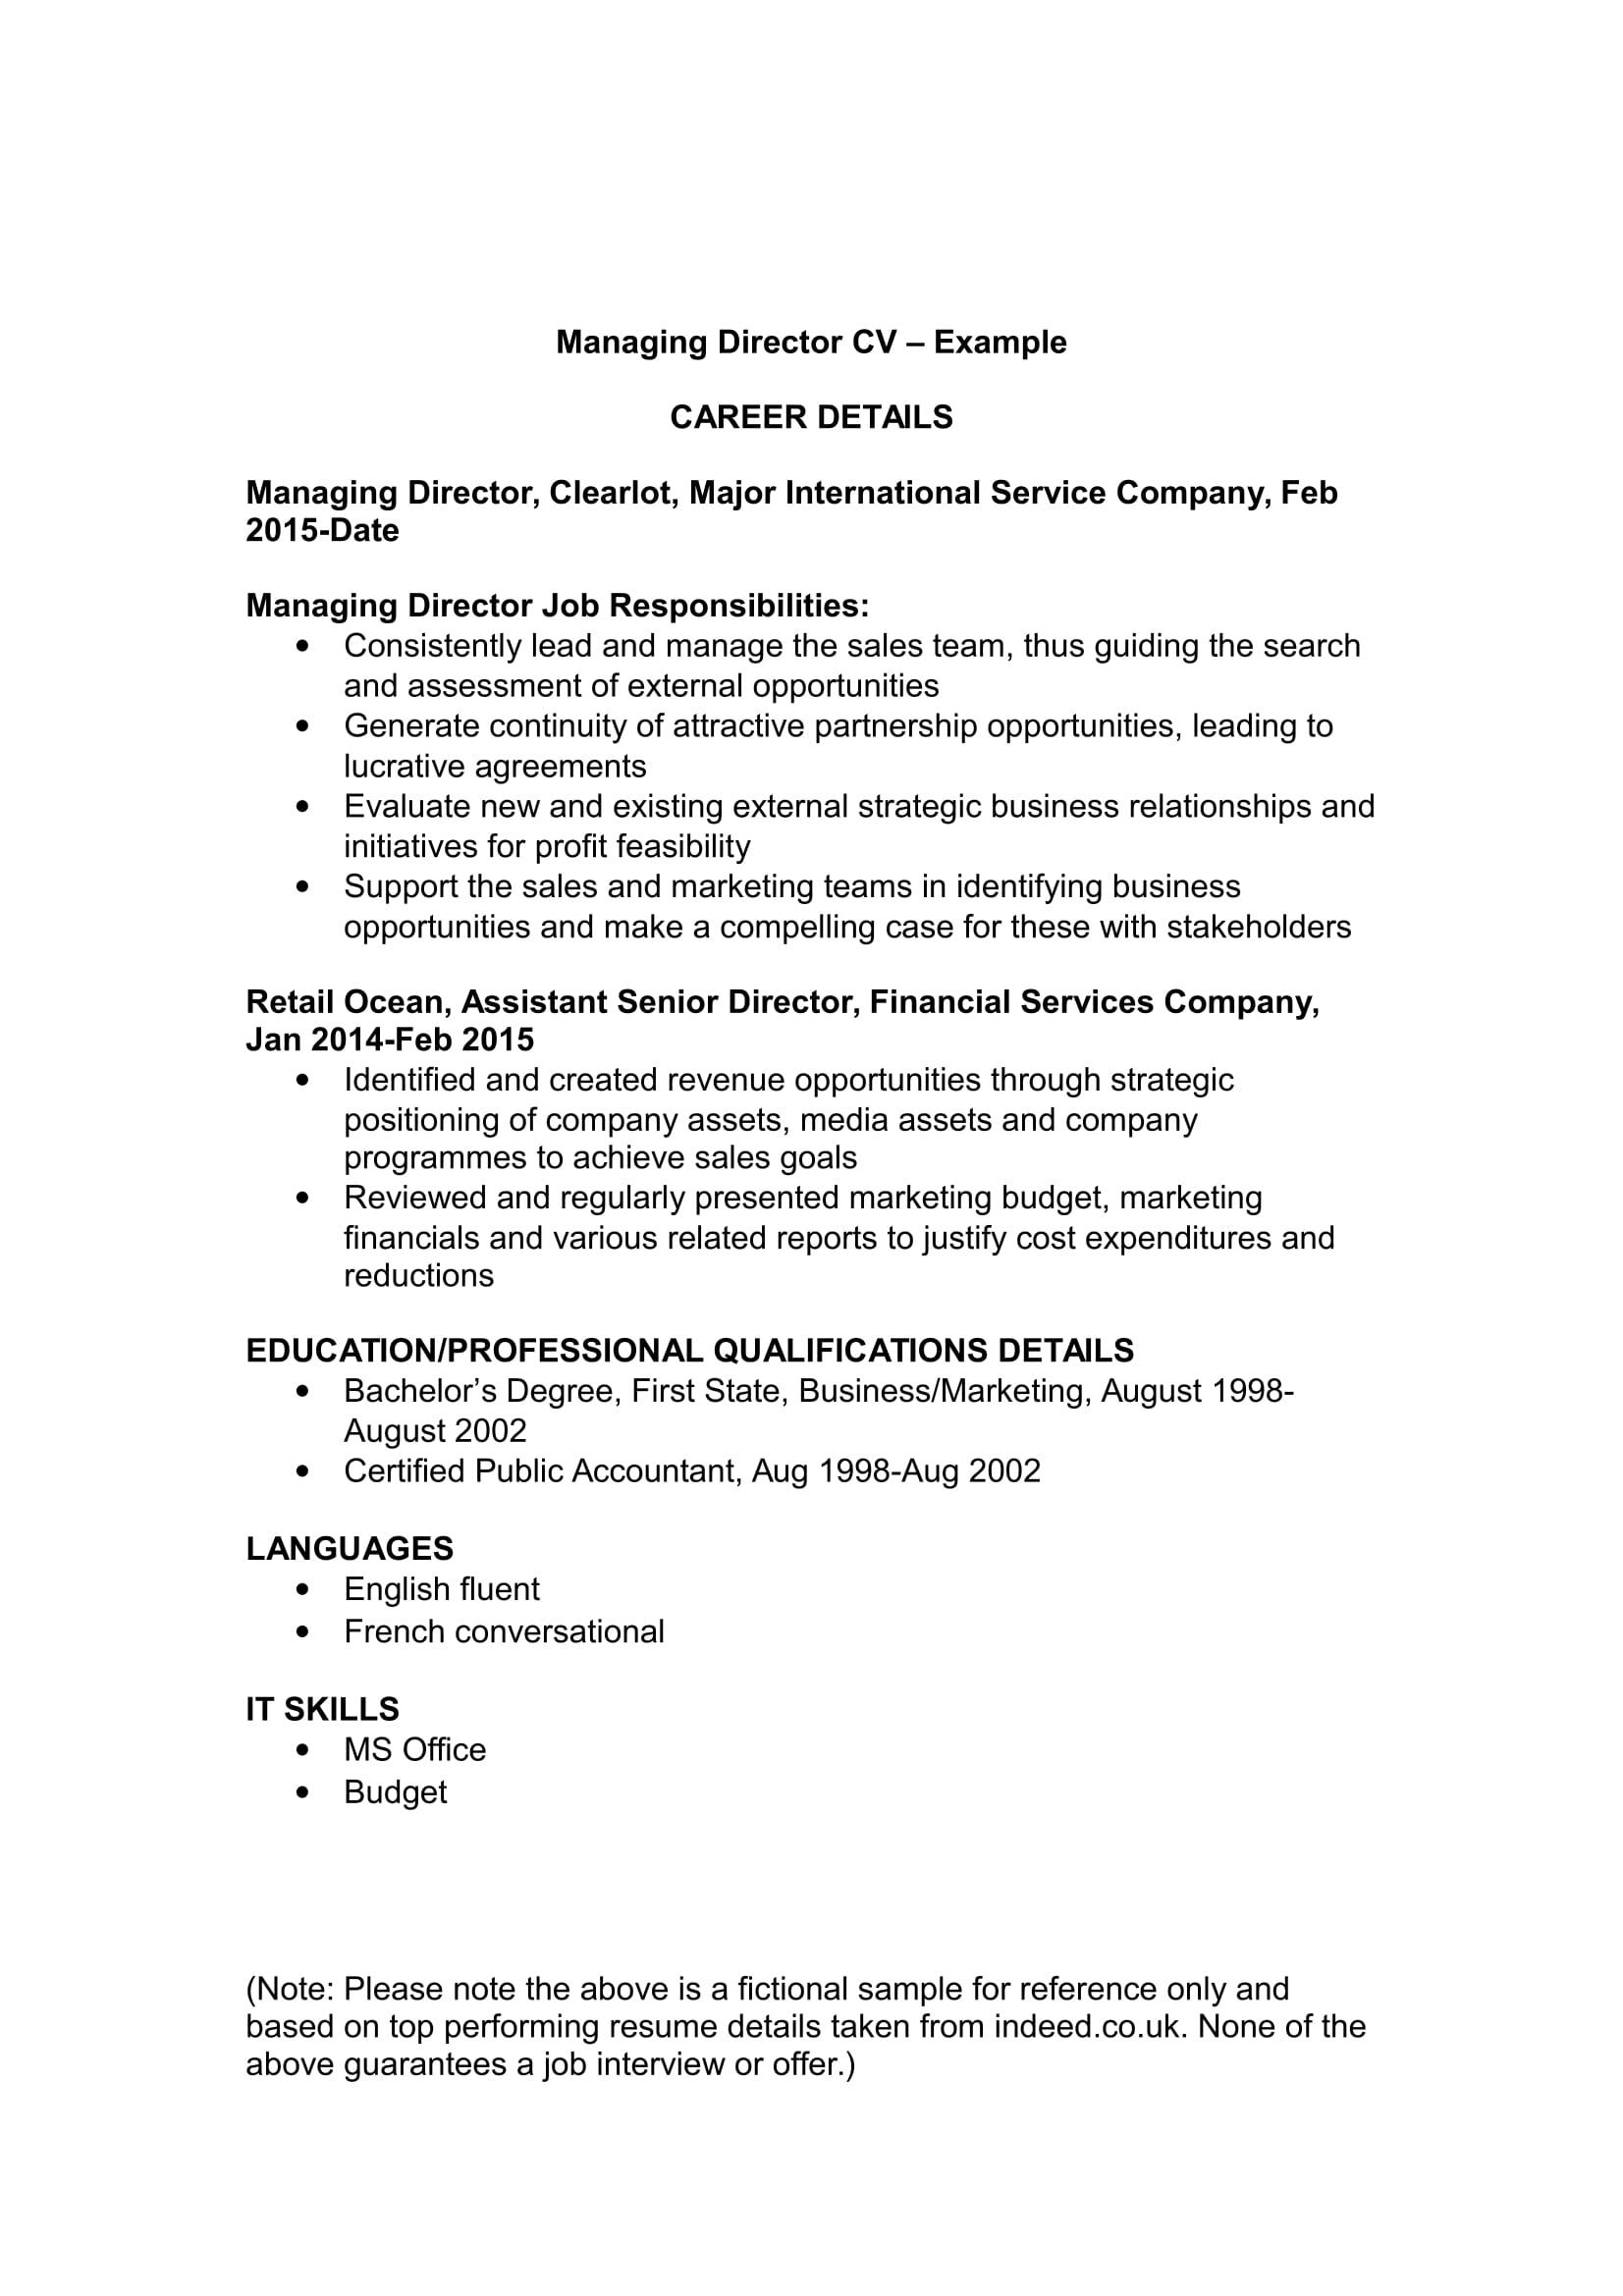 Managing Director CV | Template and Examples | Renaix com